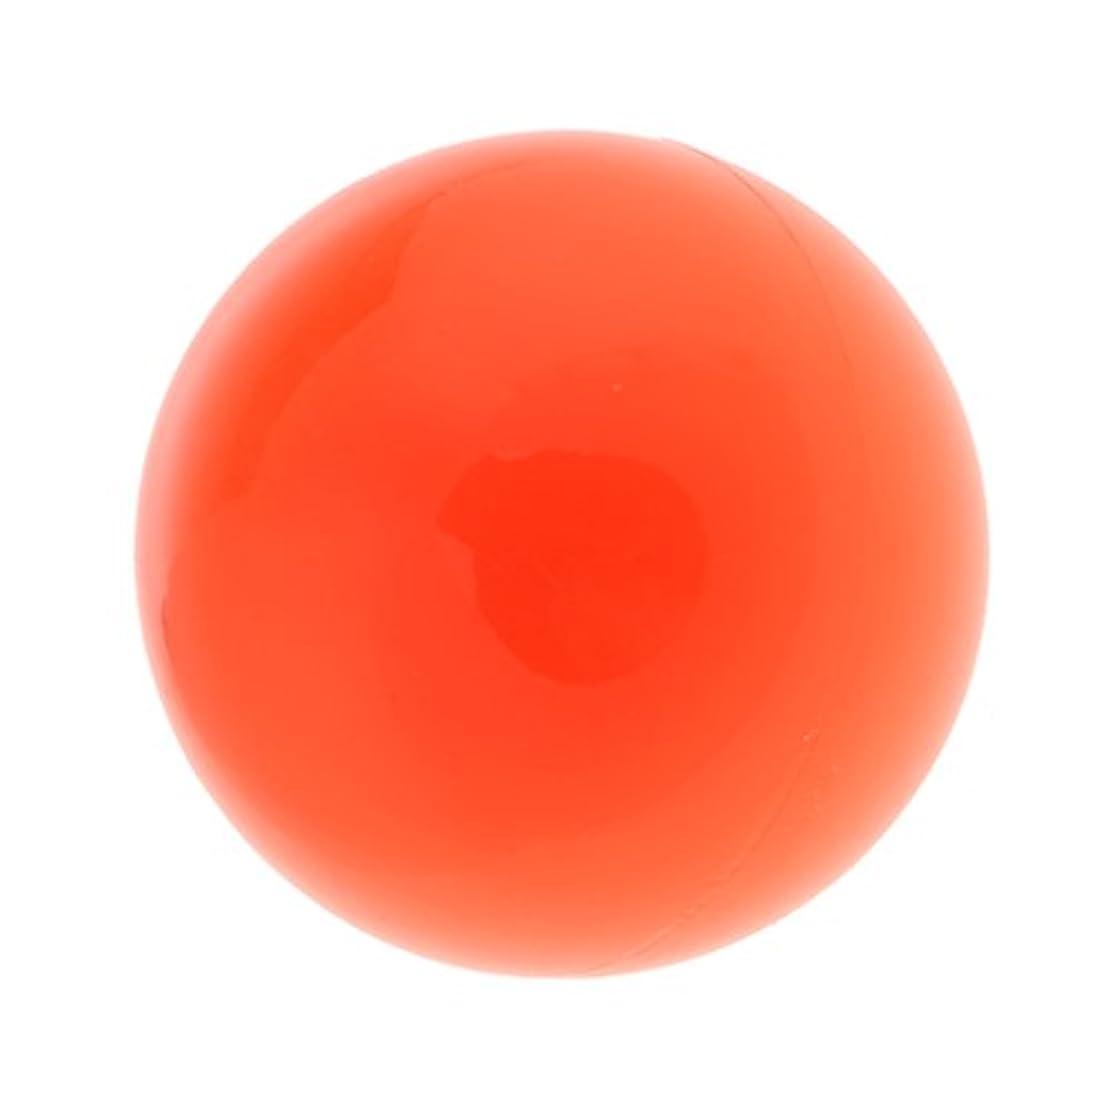 コアベッドを作るぬれたラクロスマッサージボール マッサージボール マッサージ 手のひら 足 腕 首 背中 足首 ジム ホーム 便利 オレンジ